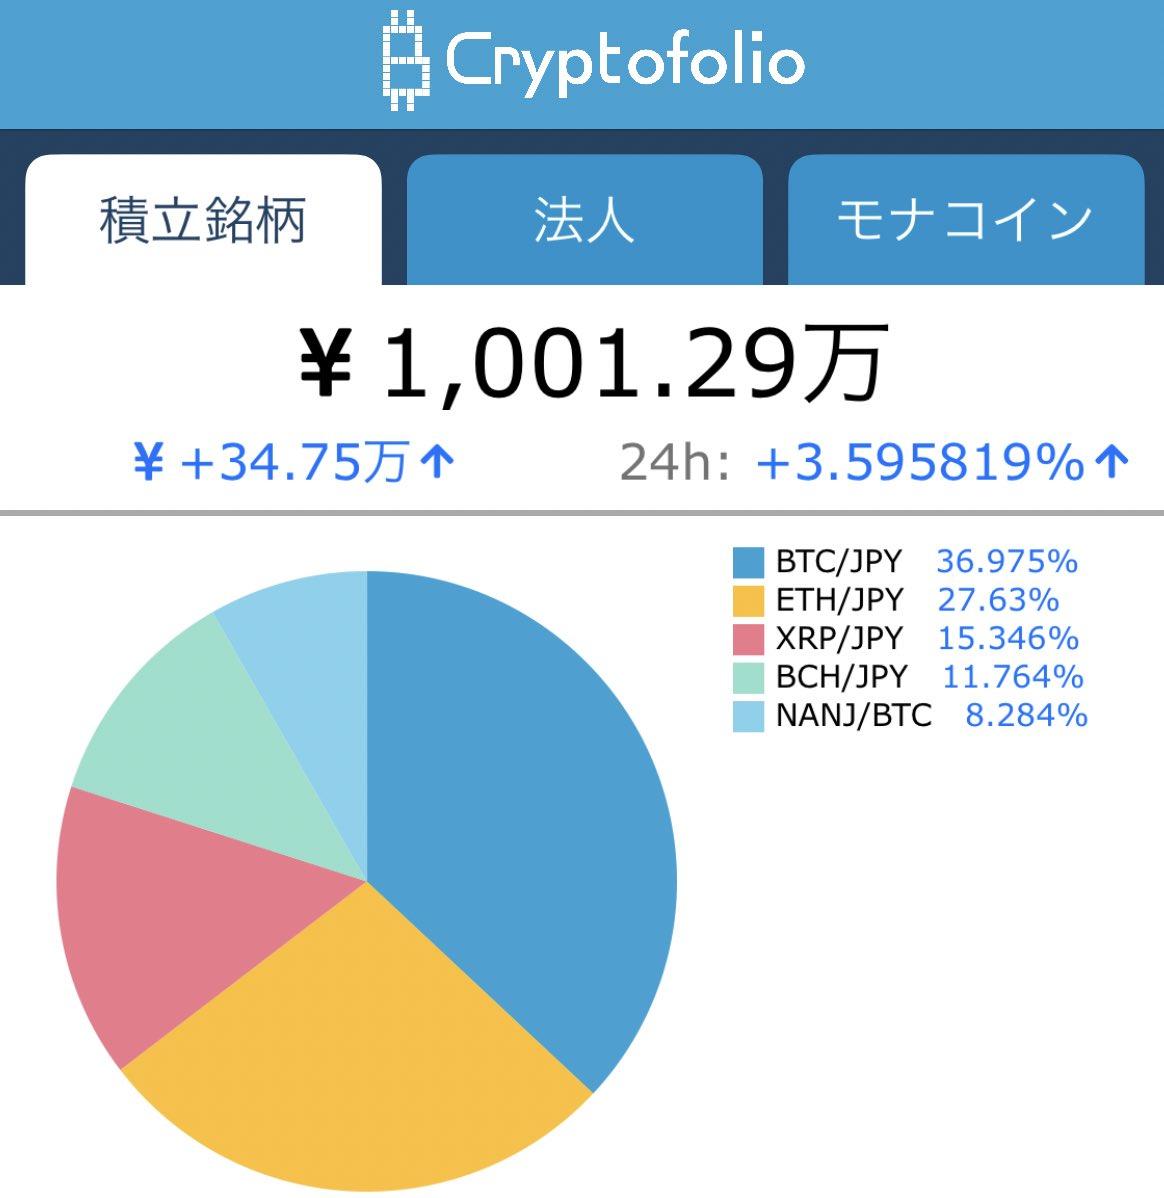 あわわわわ😱😱😱😱適当に有名どころの仮想通貨毎月積立で買ってるだけで1000万円超えてきたー‼️まだ仮想通貨持ってないの?